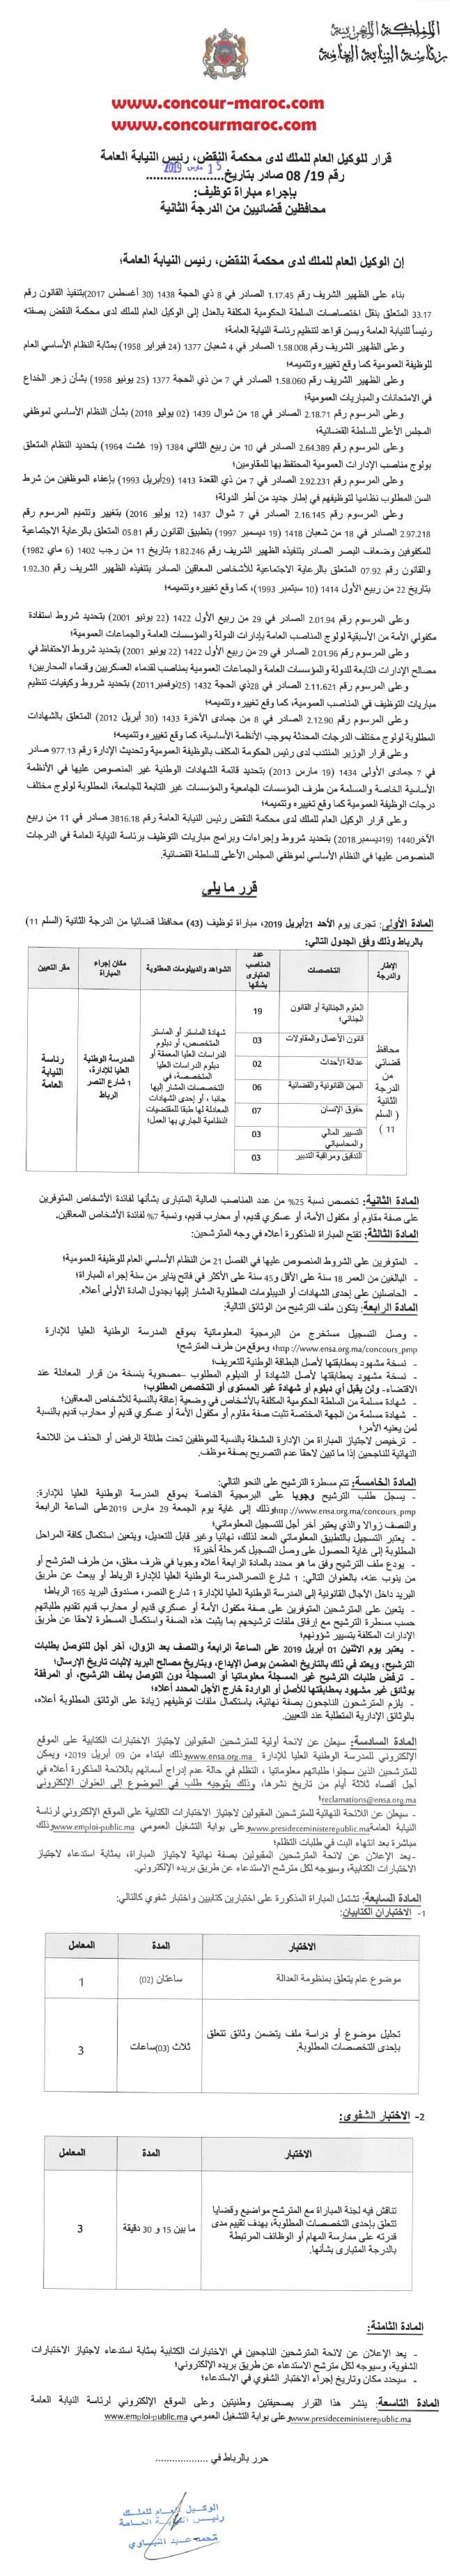 رئاسة النيابة العامة : مباراة لتوظيف 43 محافظ قضائي من الدرجة الثانية آخر أجل 1 ابريل 2019 Io_aao15